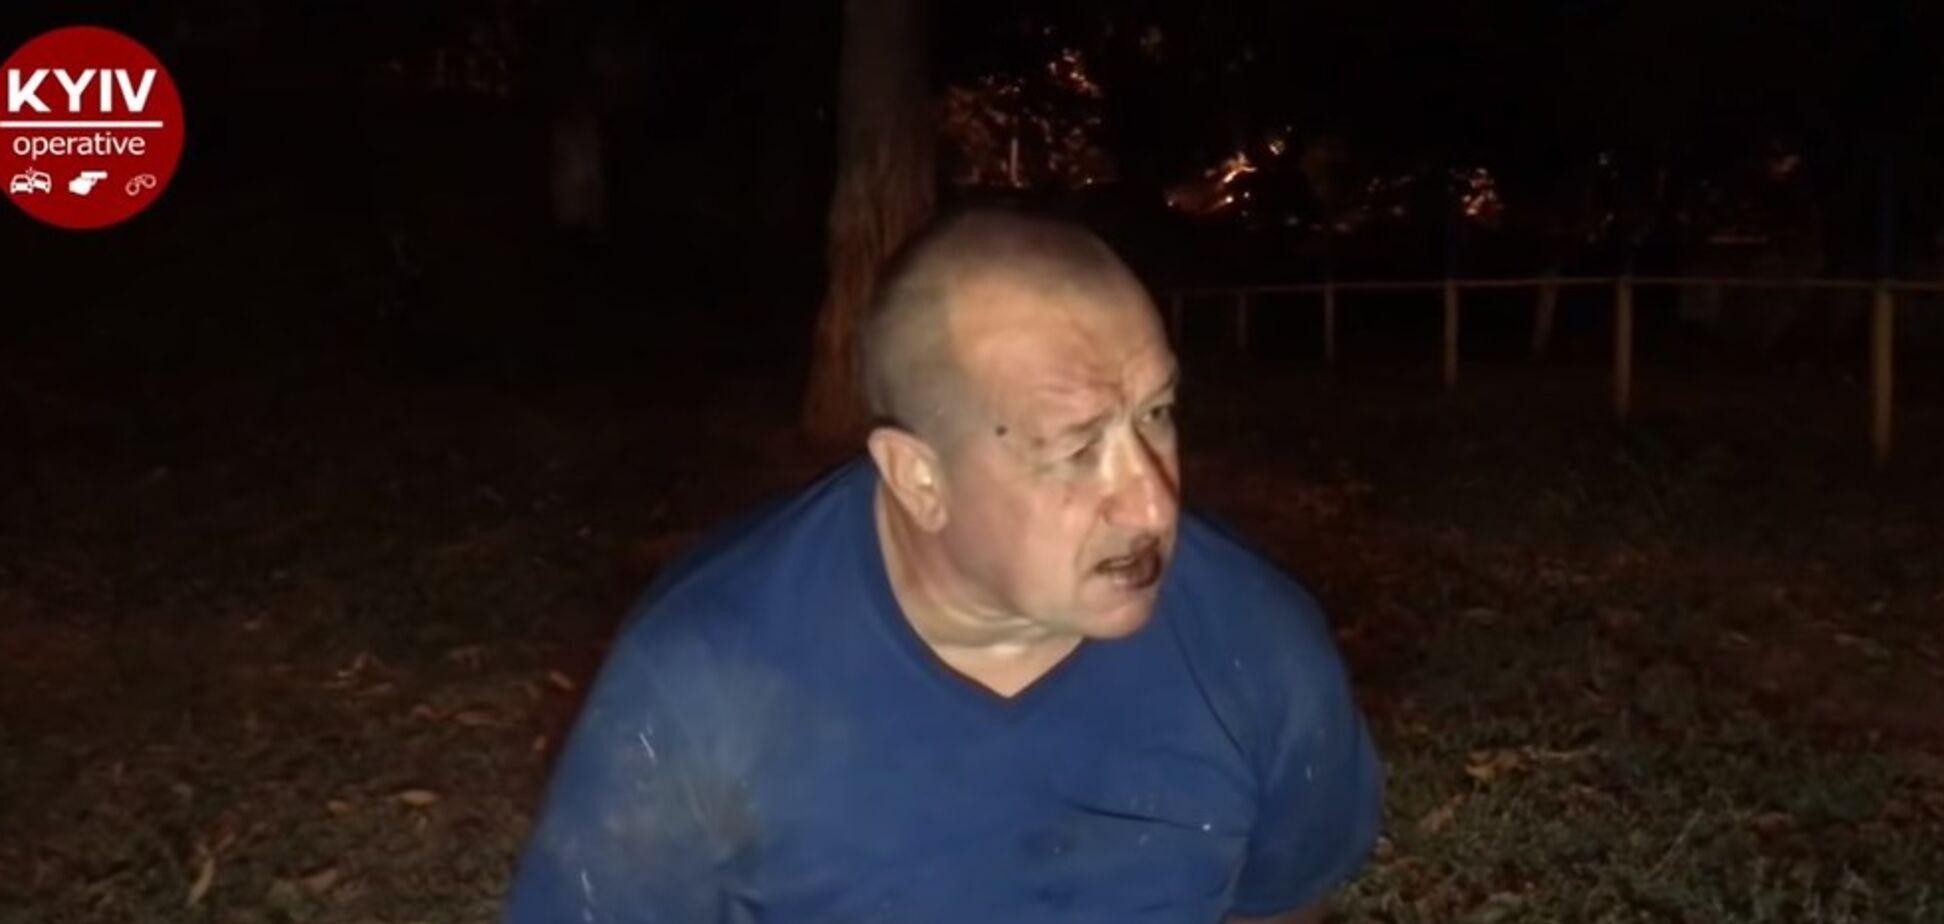 Напал и таскал за волосы: в Киеве пьяный жестоко избил врача скорой помощи